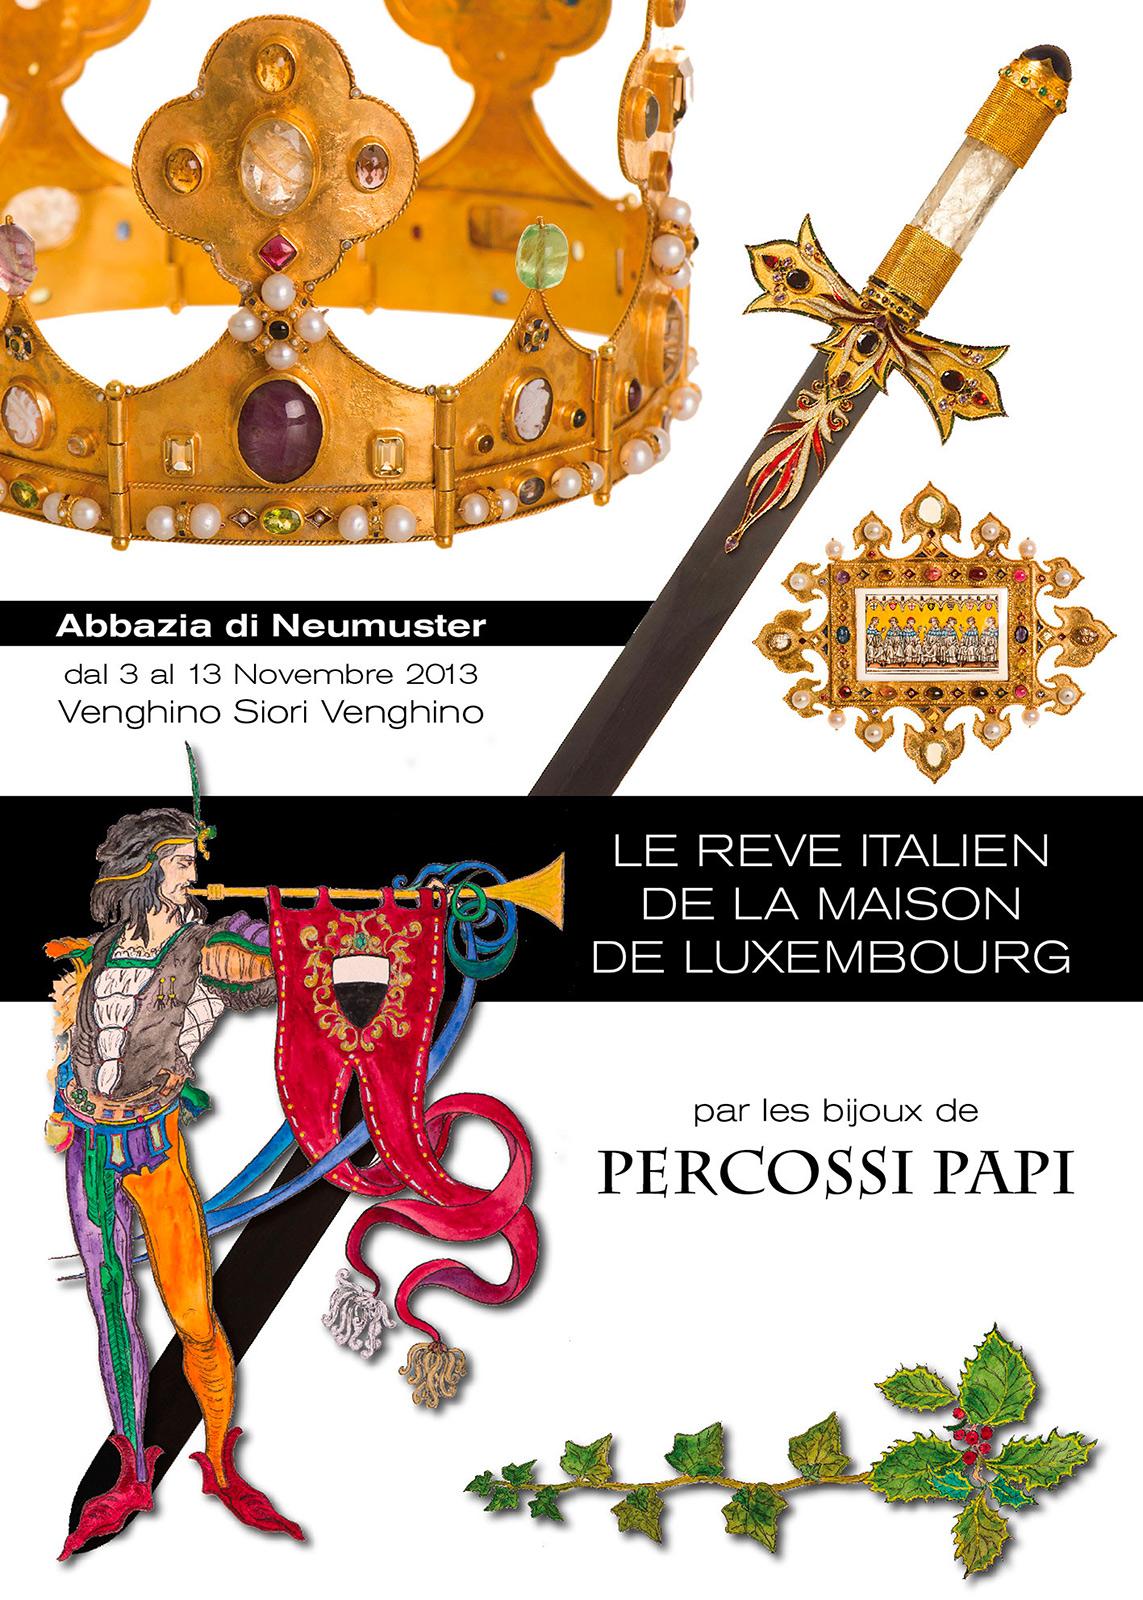 La reve italien de la maison de luxembourg